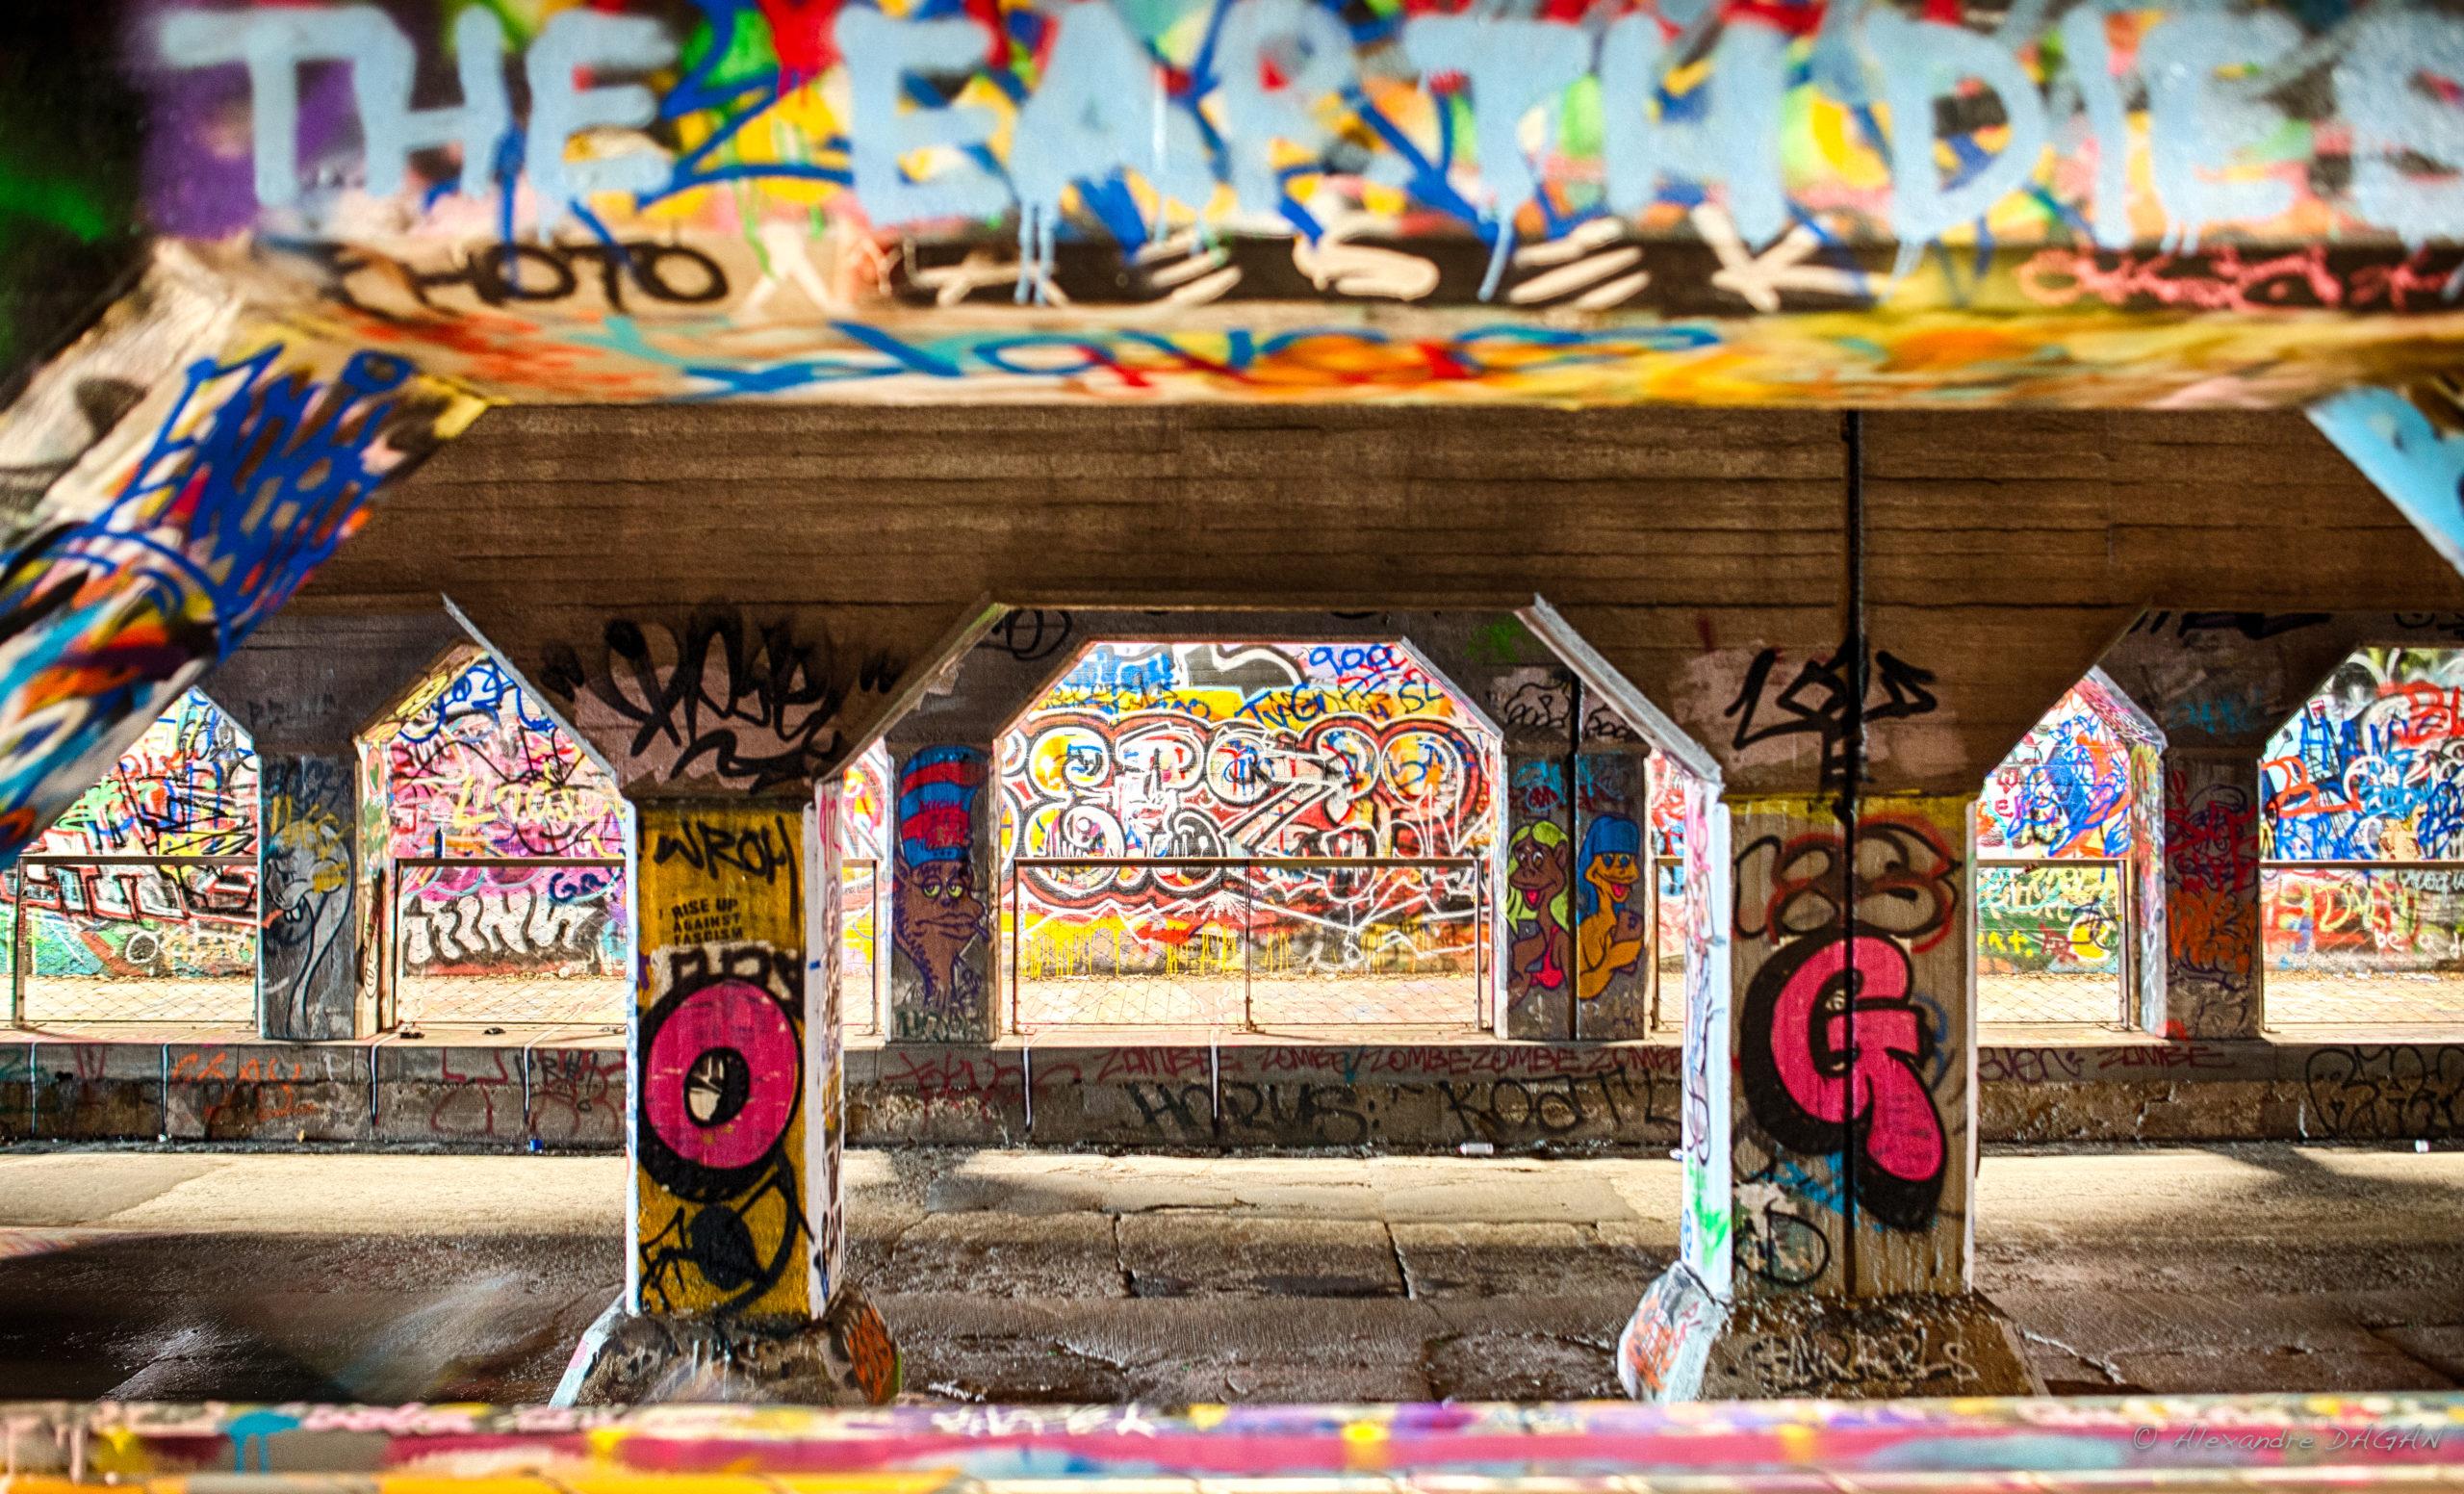 Krog street tunnel, Atlanta, Georgia, United States